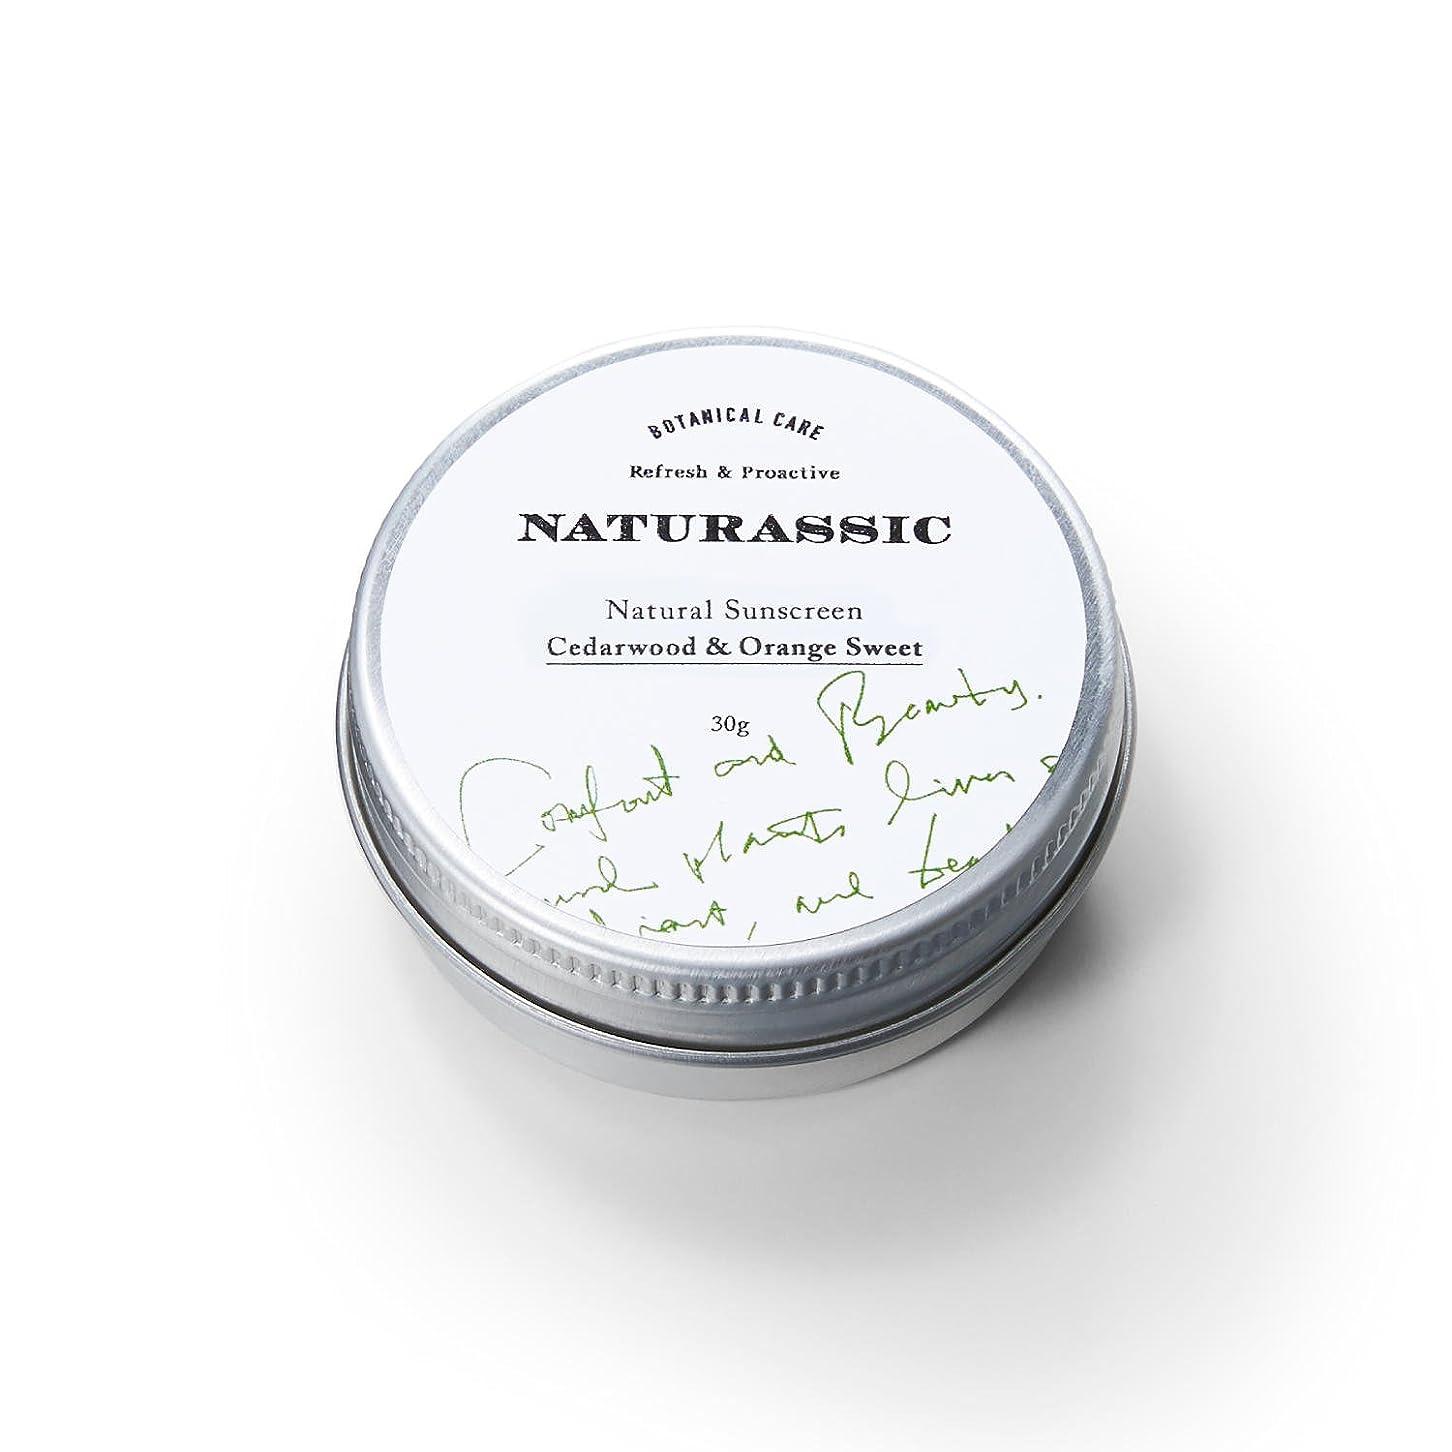 反毒コントロール公平ナチュラシック ナチュラルサンスクリーンCO シダーウッド&オレンジスイートの香り 30g [天然由来成分100%]